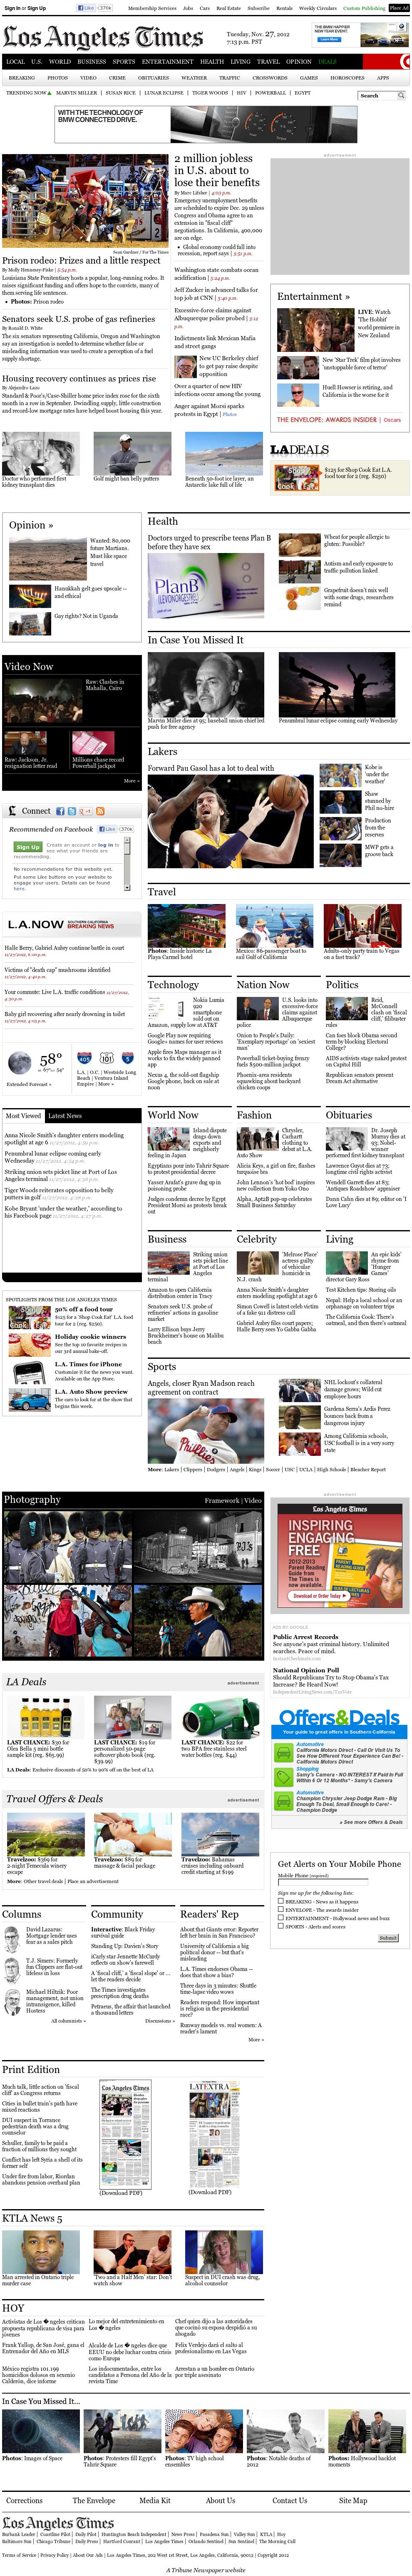 Los Angeles Times at Wednesday Nov. 28, 2012, 3:21 a.m. UTC